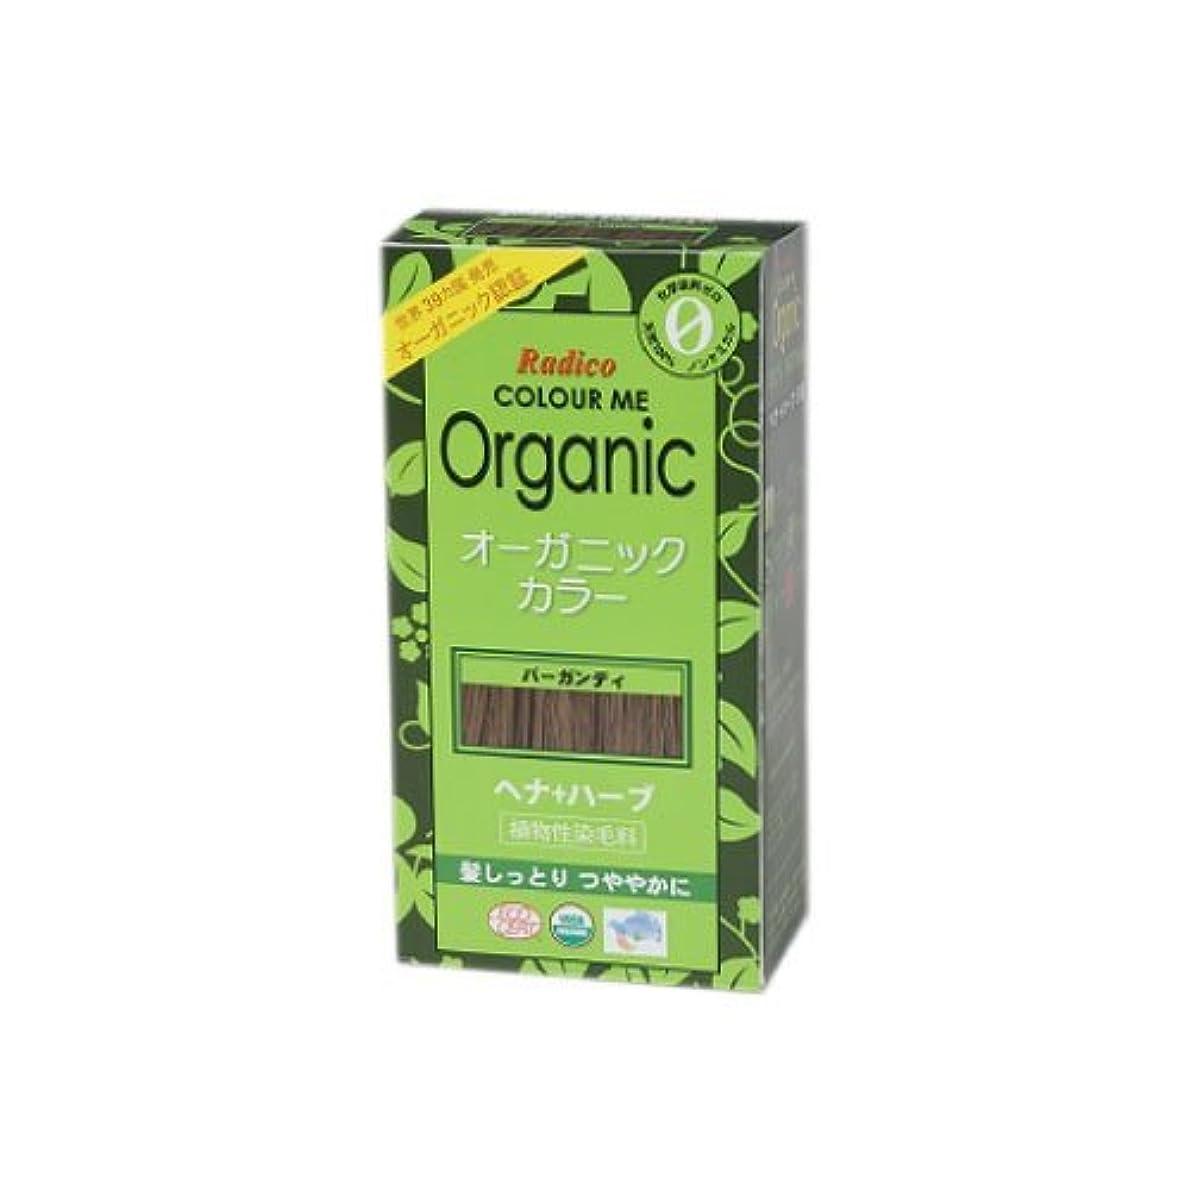 煩わしい移住するインキュバスCOLOURME Organic (カラーミーオーガニック ヘナ 白髪用) バーガンディ 100g